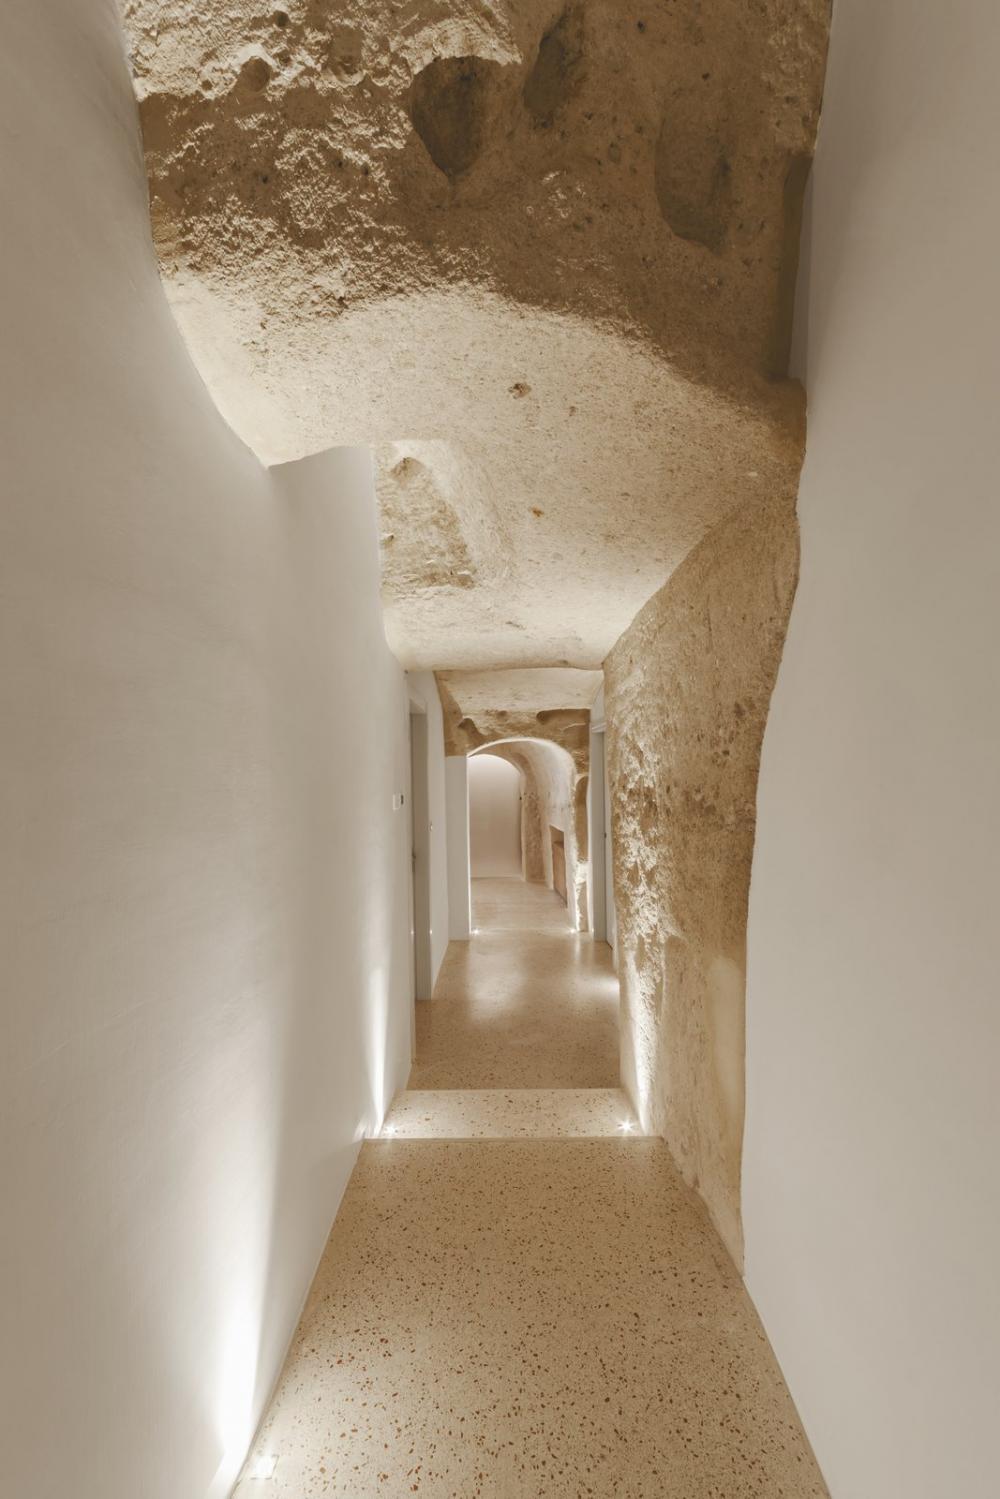 Khu vực spa và 4 phòng ngủ trong khách sạn 1 tầng trải rộng trên diện tích 3.229m2